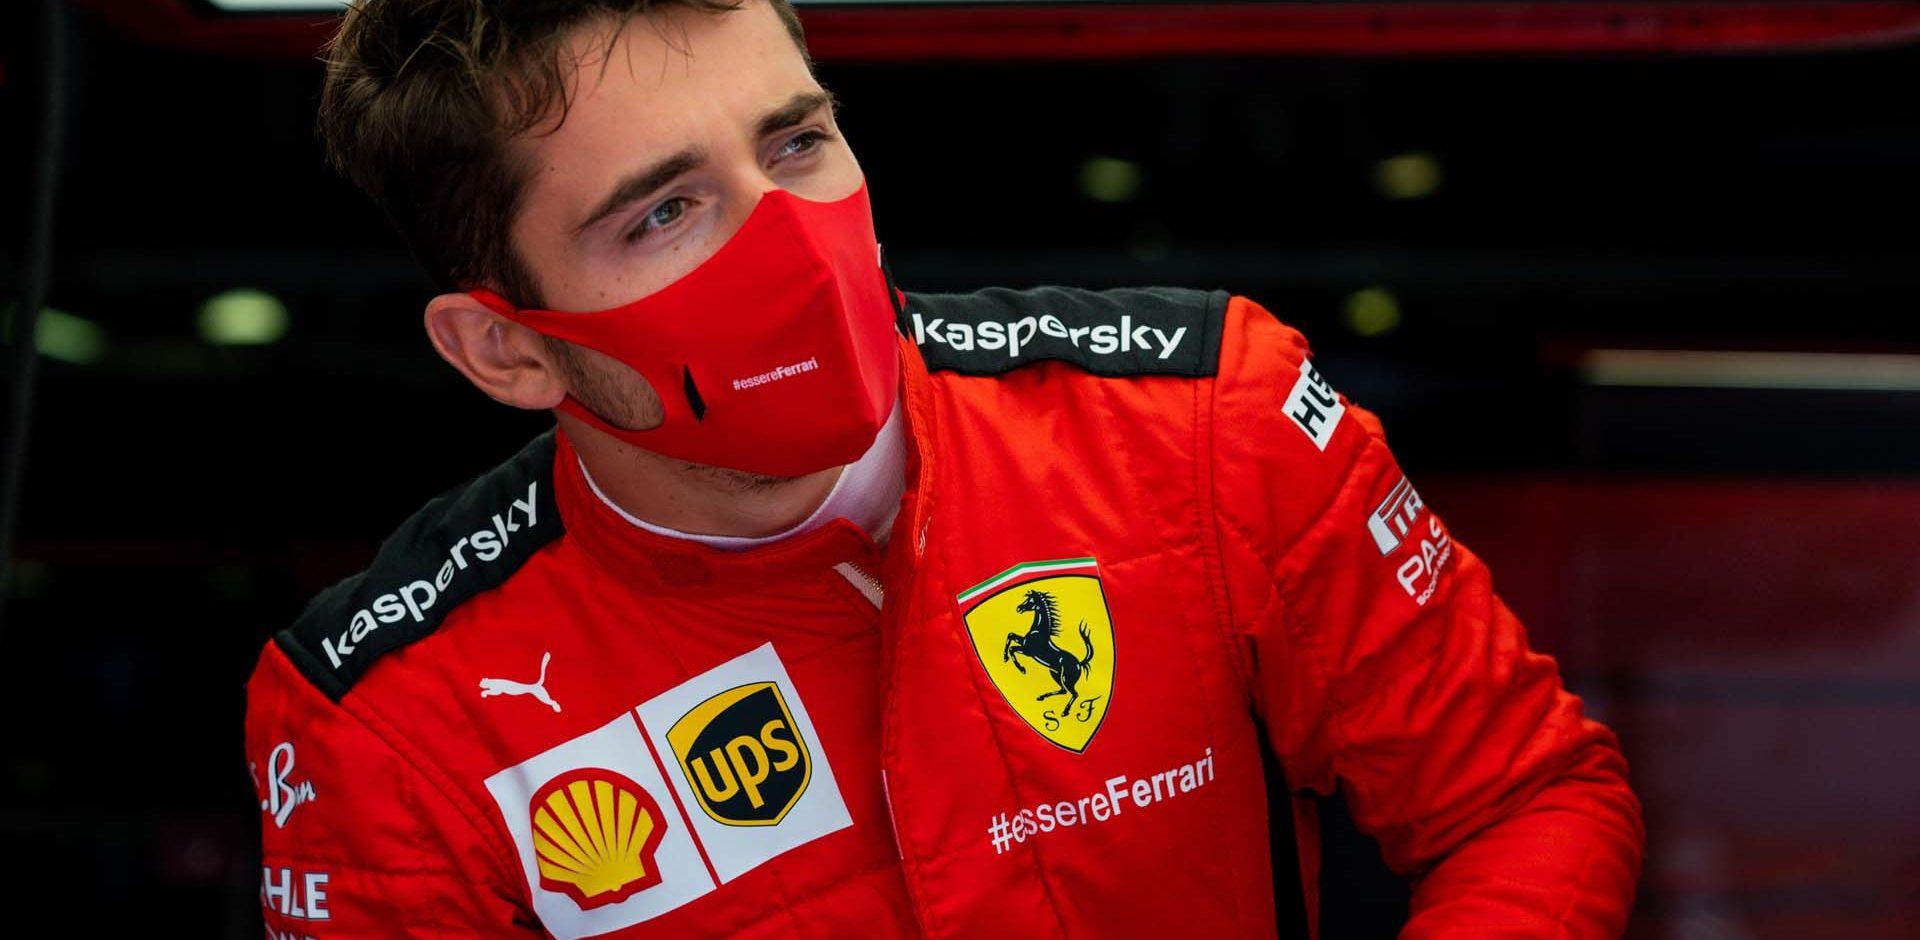 GP ITALIA F1/2020 -  GIOVEDI 03/09/2020        credit: @Scuderia Ferrari Press Office Charles Leclerc